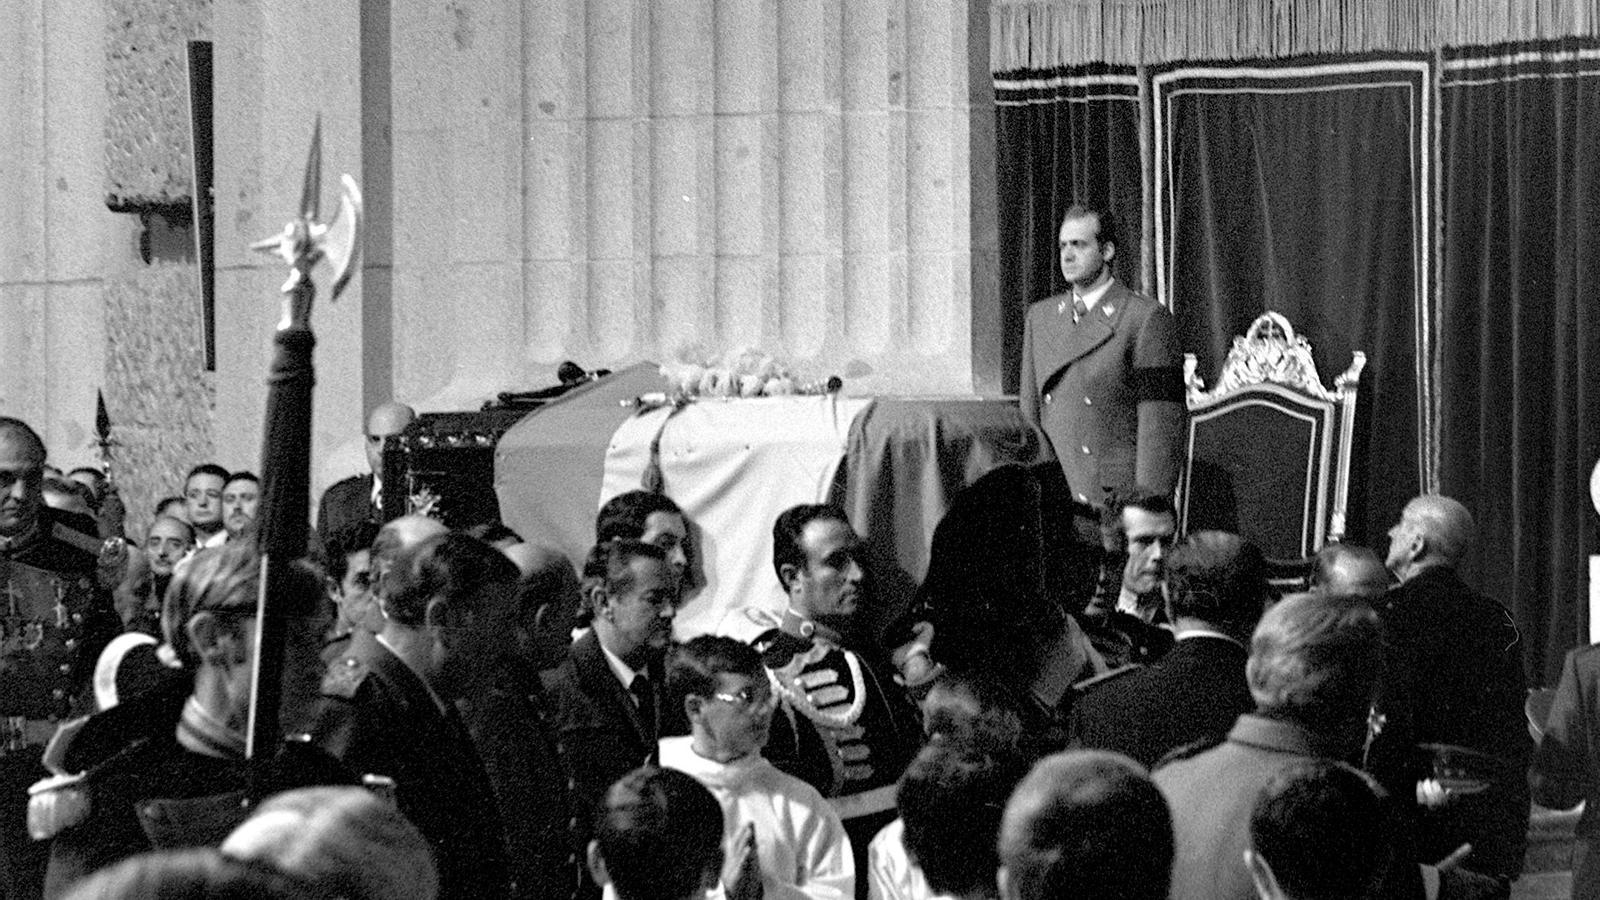 Juan Carlos a l'enterrament de Franco al Valle de los Caídos